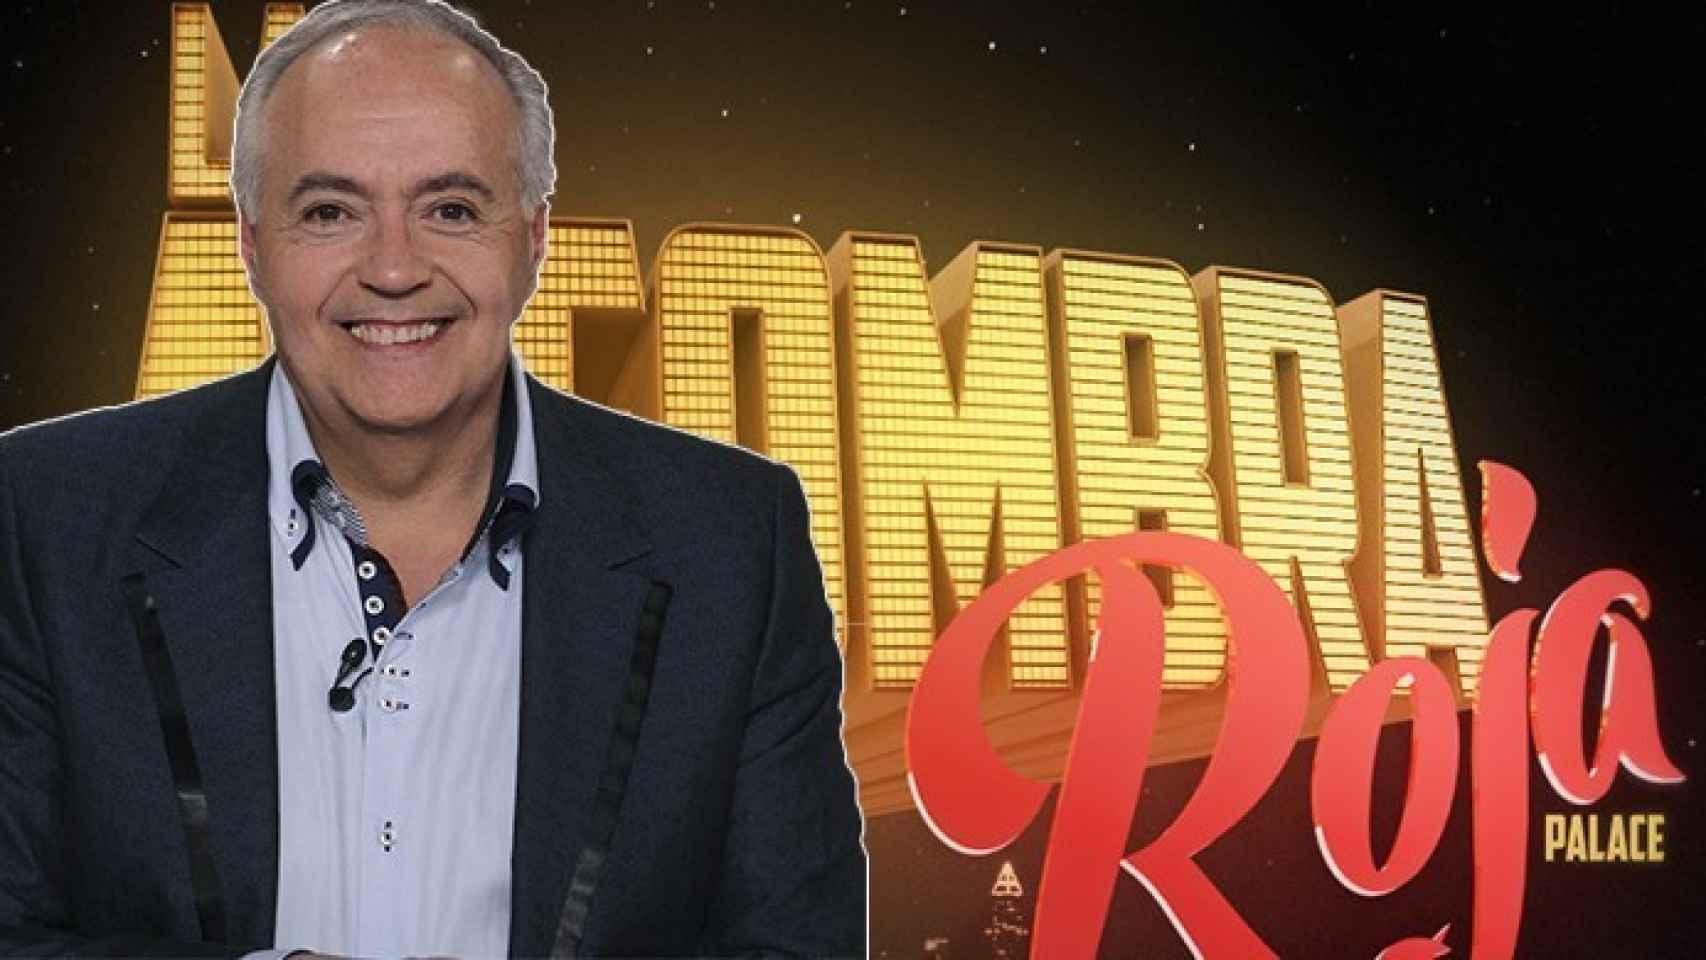 La Alfombra Roja, el último programa de Moreno fue cancelado por TVE, por el fracaso de audiencia